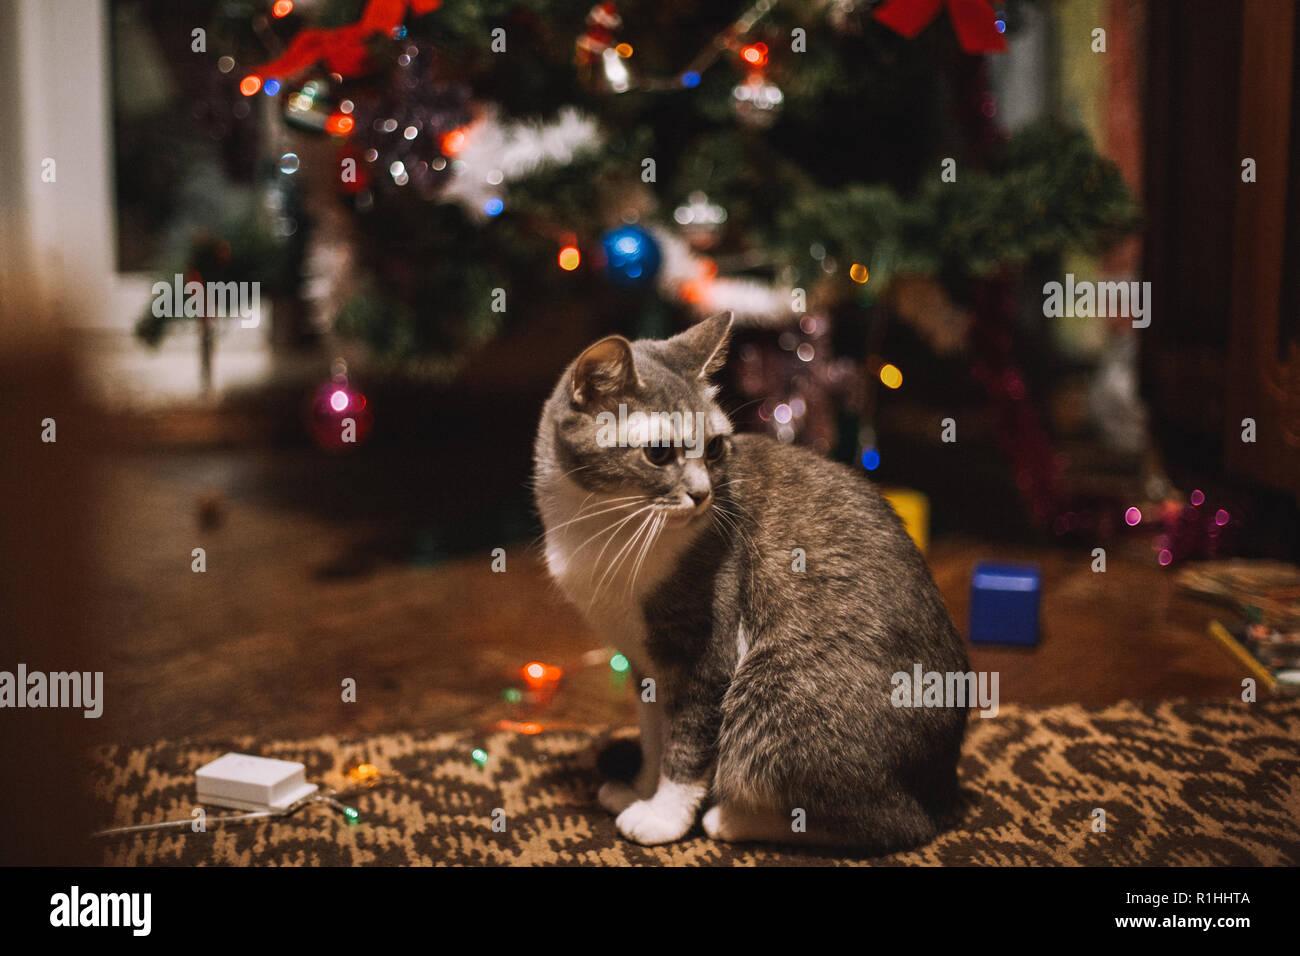 Katze auf dem Fußboden neben Weihnachtsbaum zu Hause sitzen Stockbild